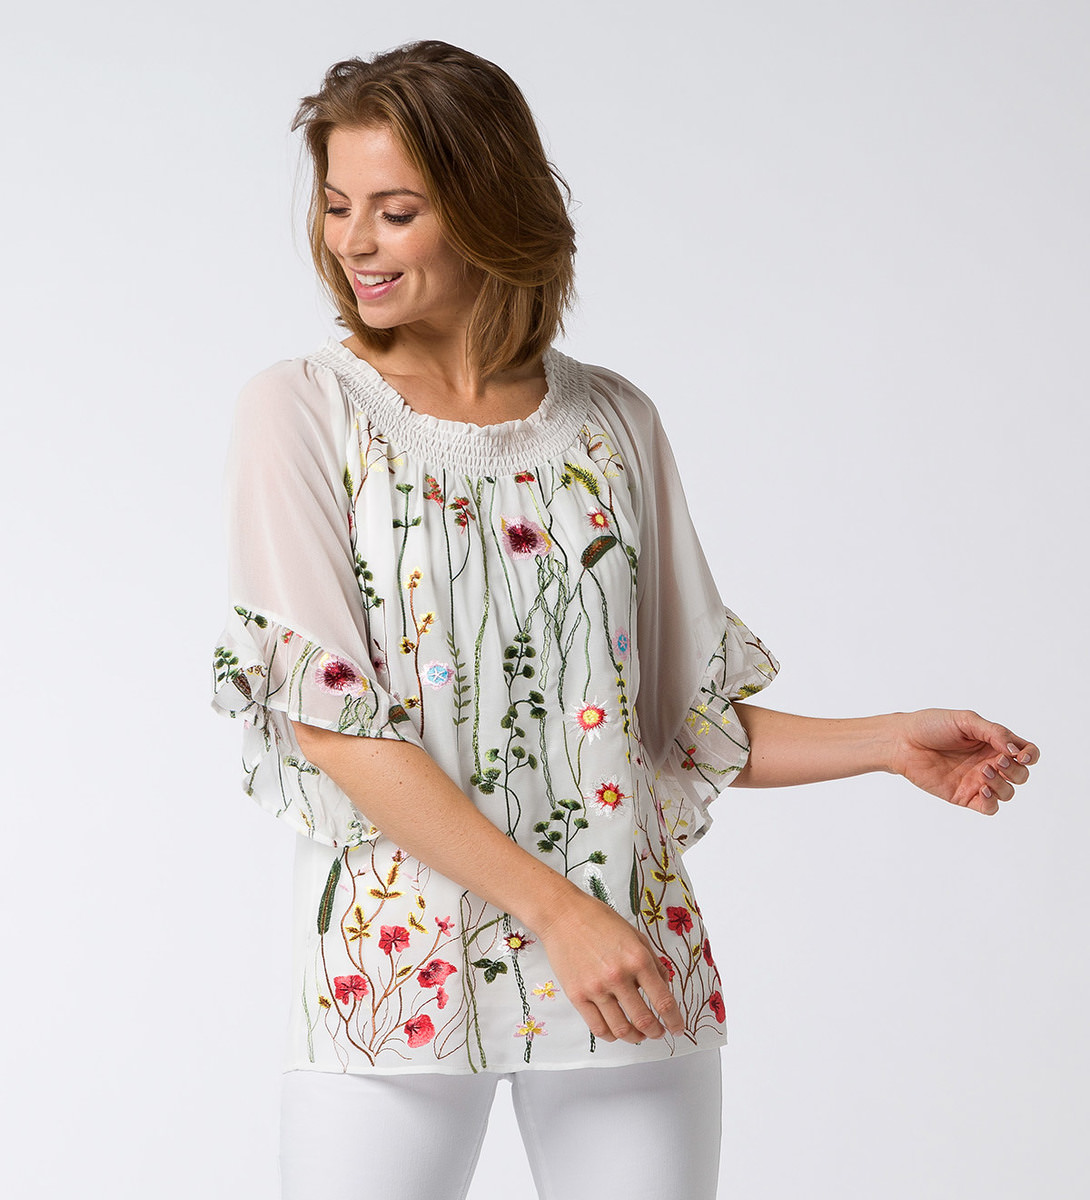 Bluse mit floralen Details in offwhite